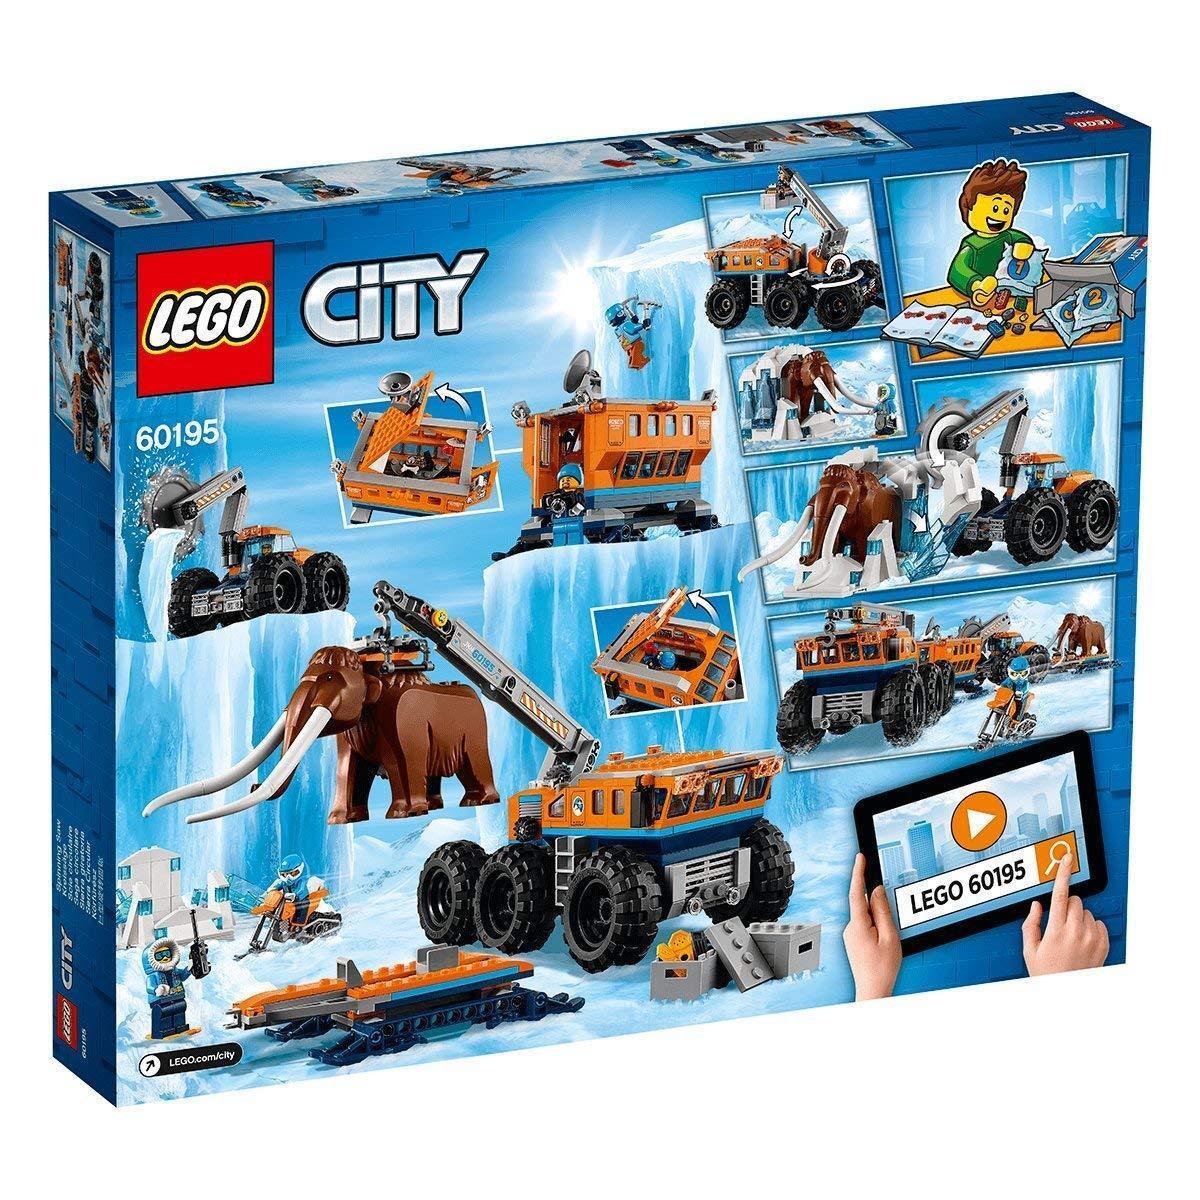 LEGO città -  60195-mobile ARTICO-stazione di ricerca-NUOVO & OVP  shopping online e negozio di moda